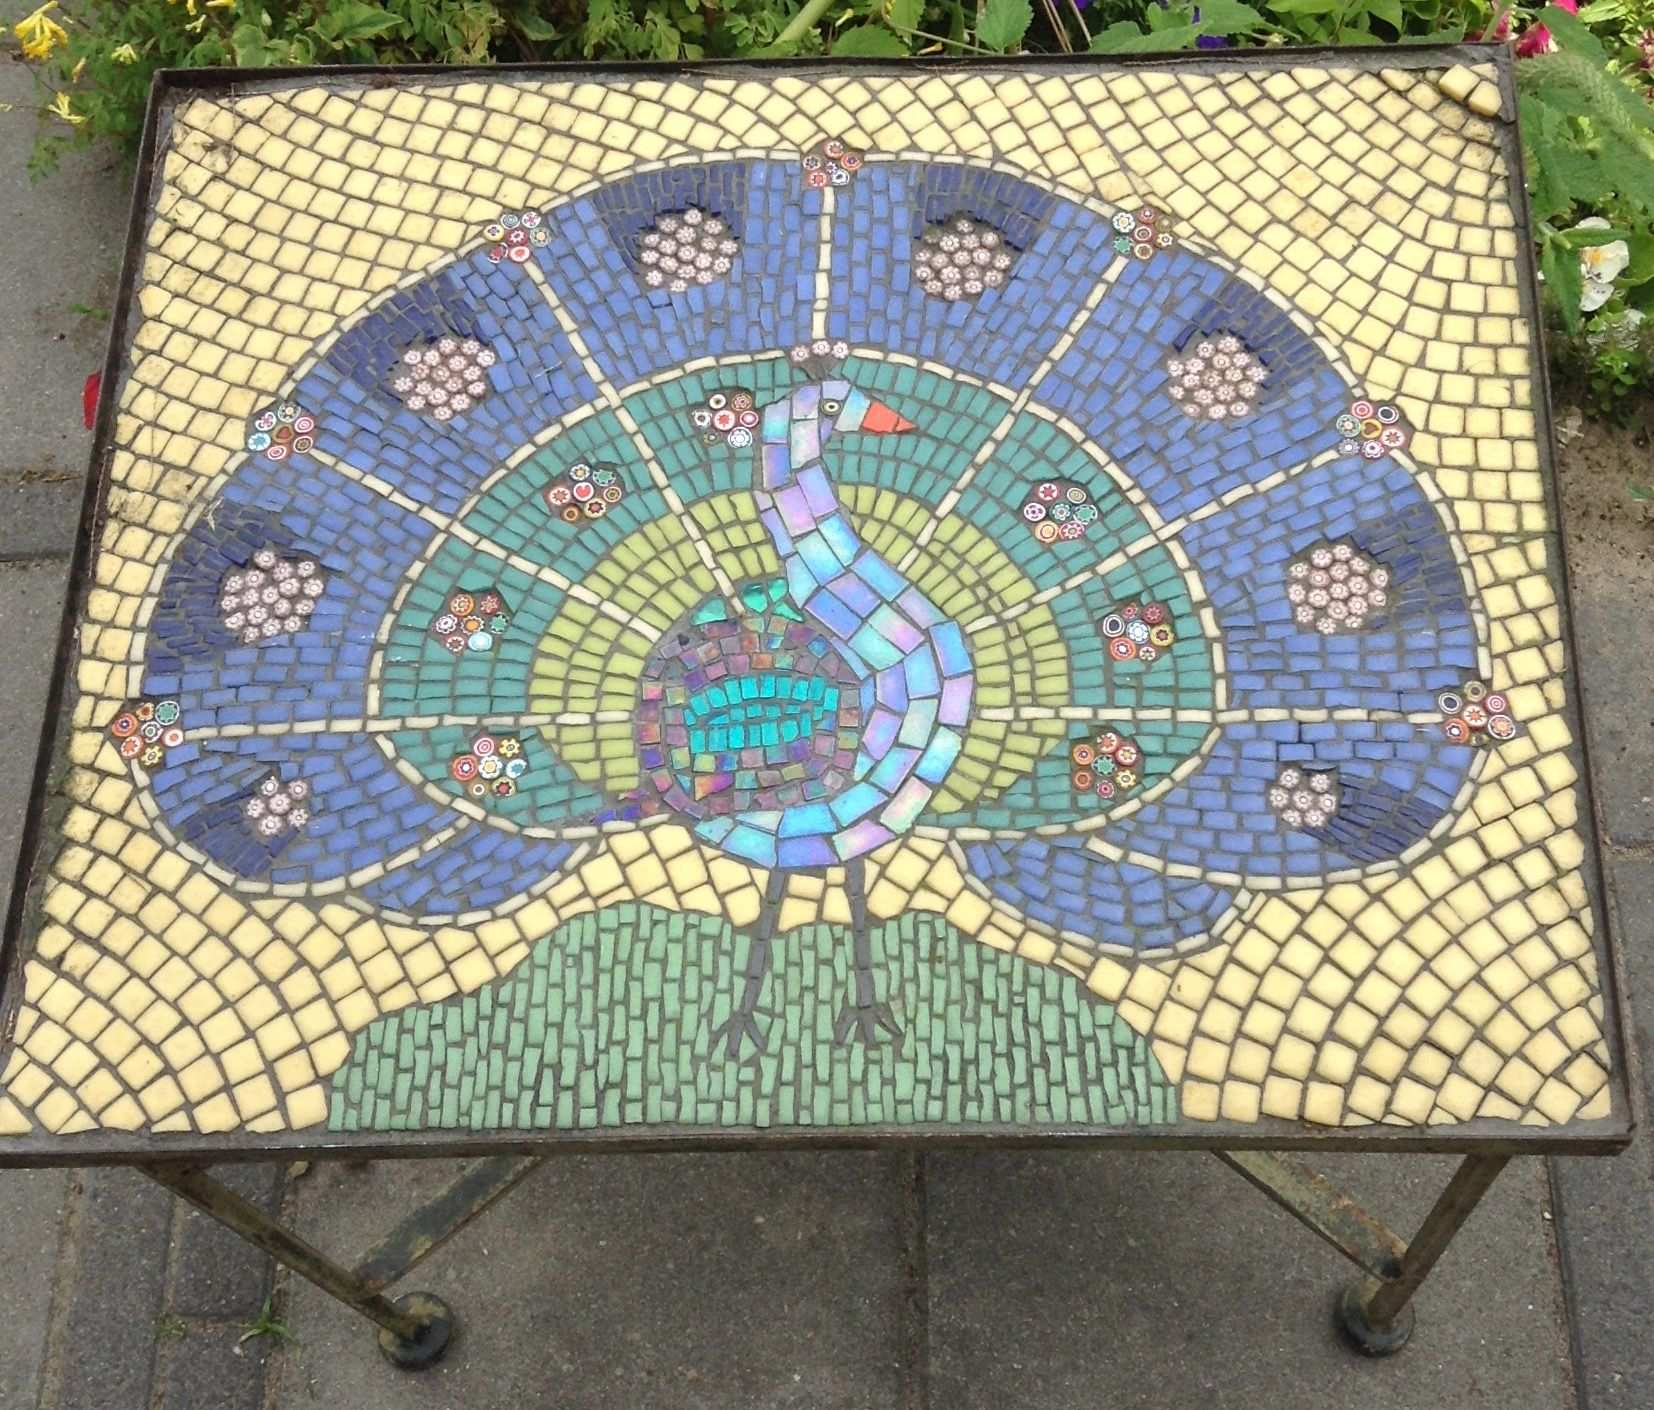 Glass Mosaic Table Peacock Monique Van Der Weijden Mosaic Art Mosaic Artwork Mosaic Pieces